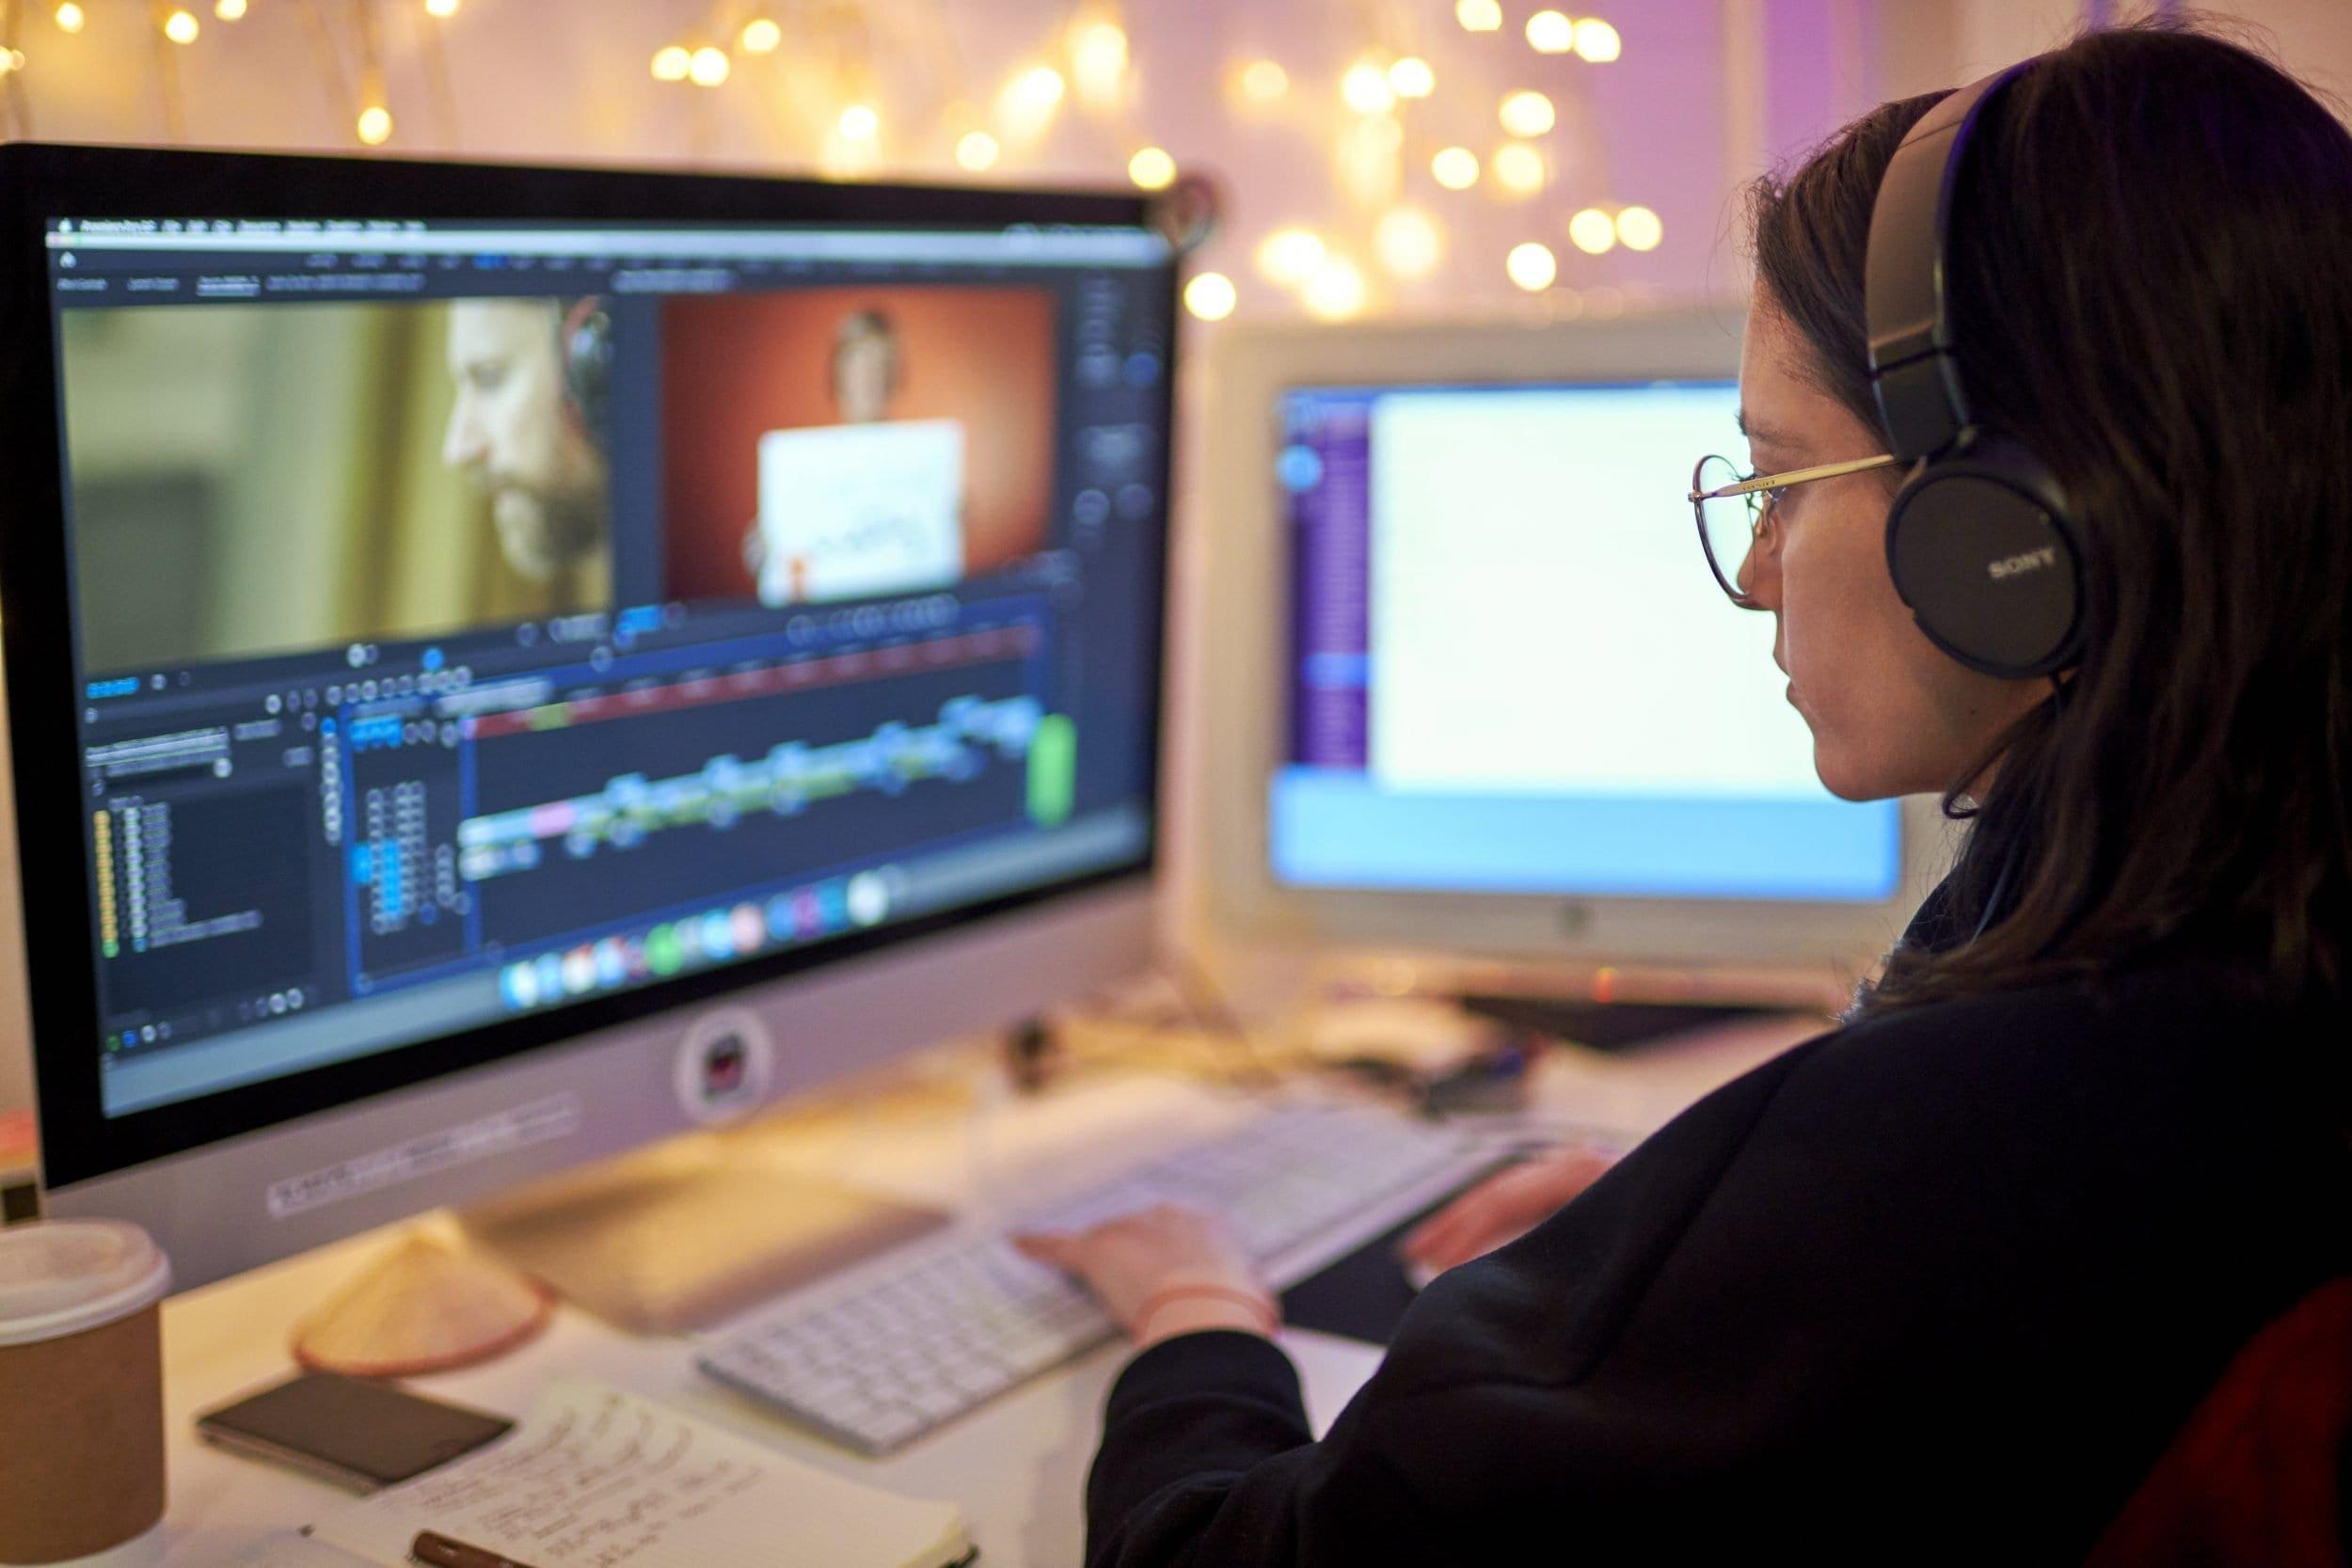 Bruna editing at a computer